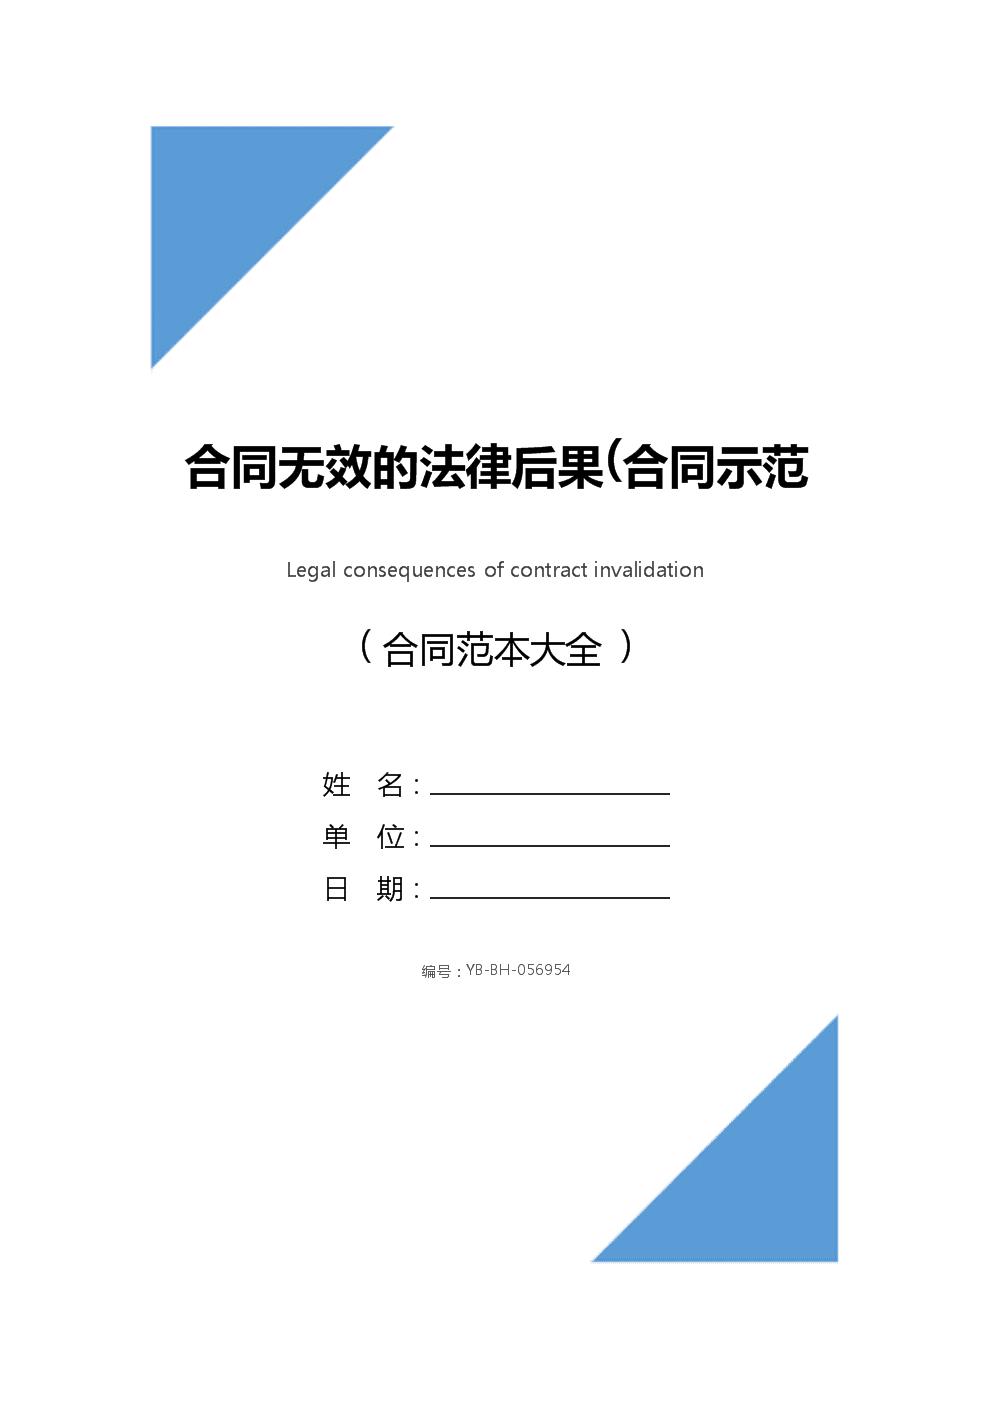 合同无效的法律后果(合同示范文本).docx